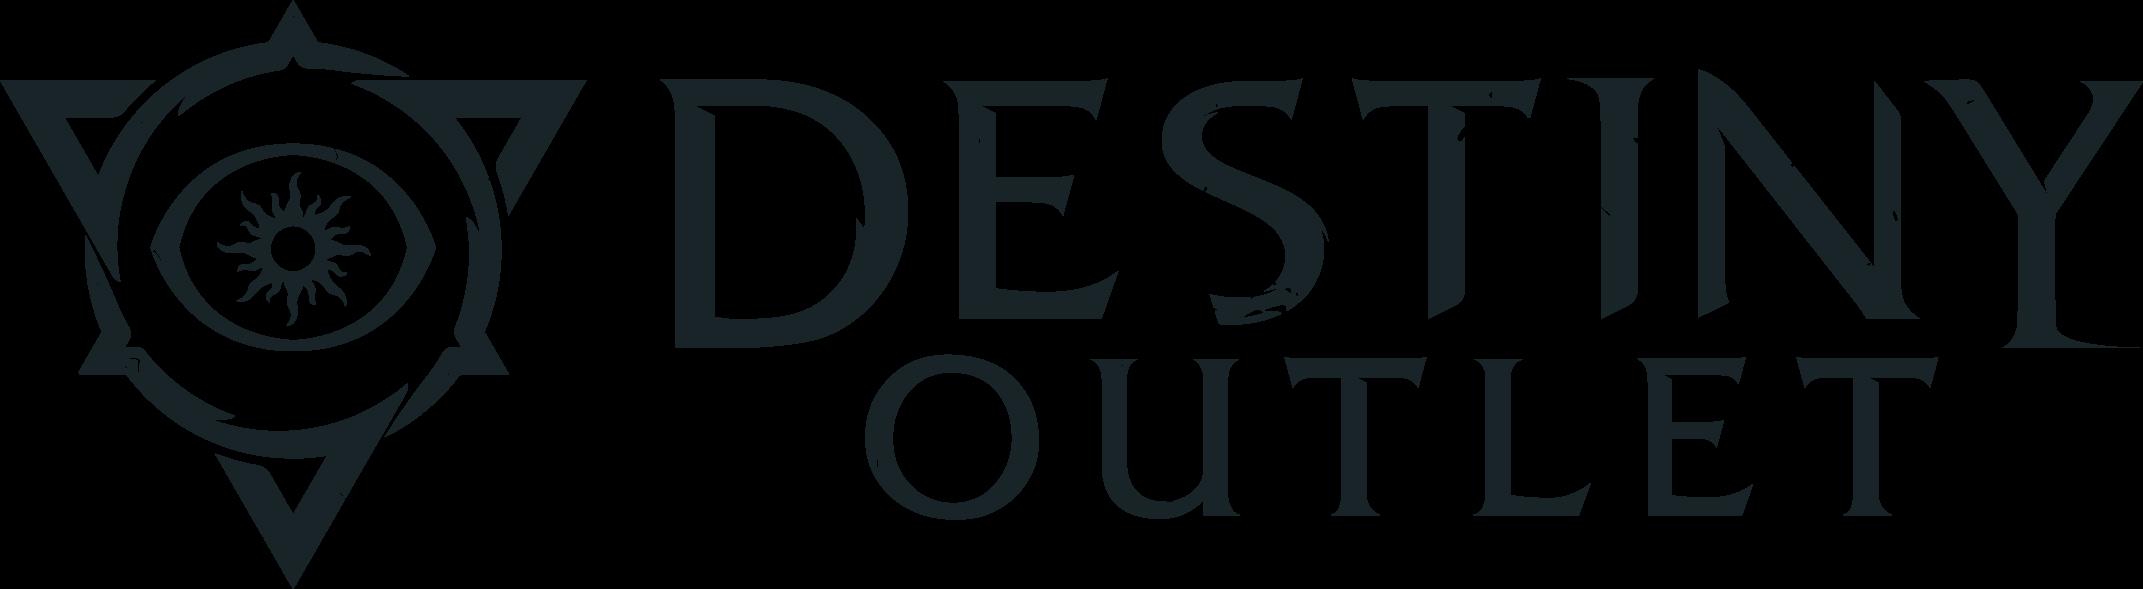 Read Destiny Outlet Reviews